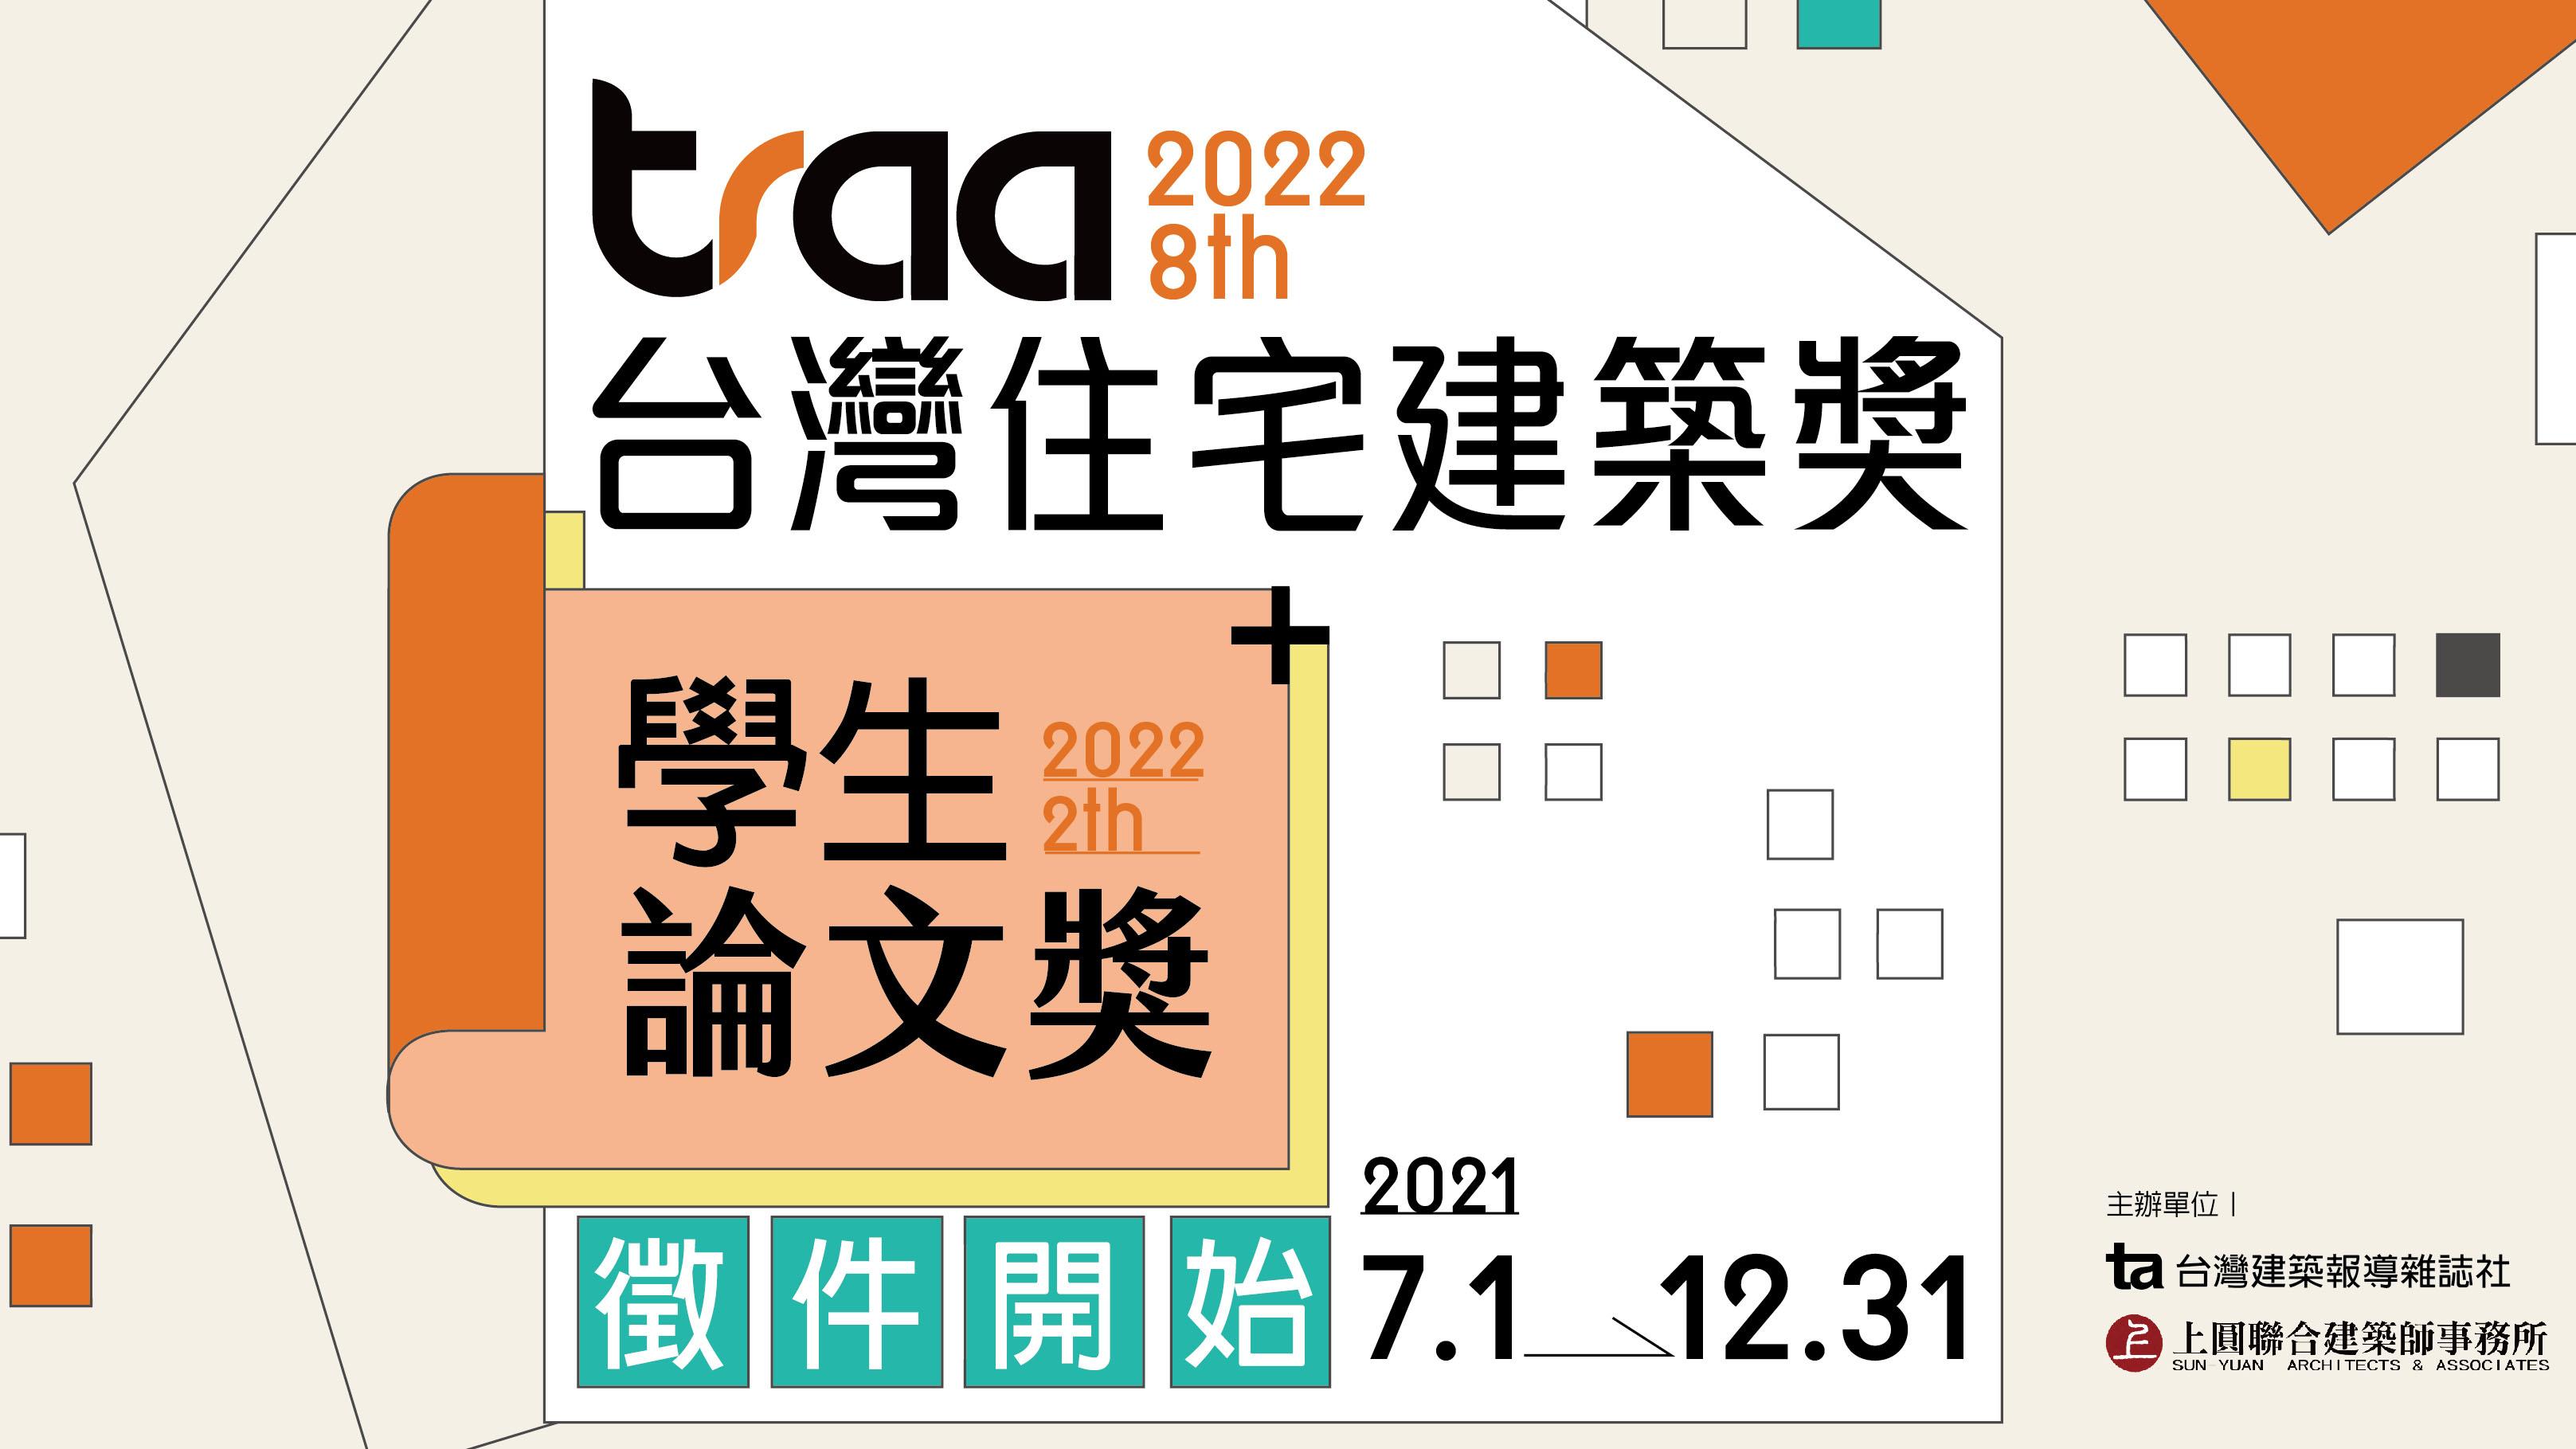 第八屆「traa台灣住宅建築獎」及第二屆「學生論文獎」即日起公開徵件